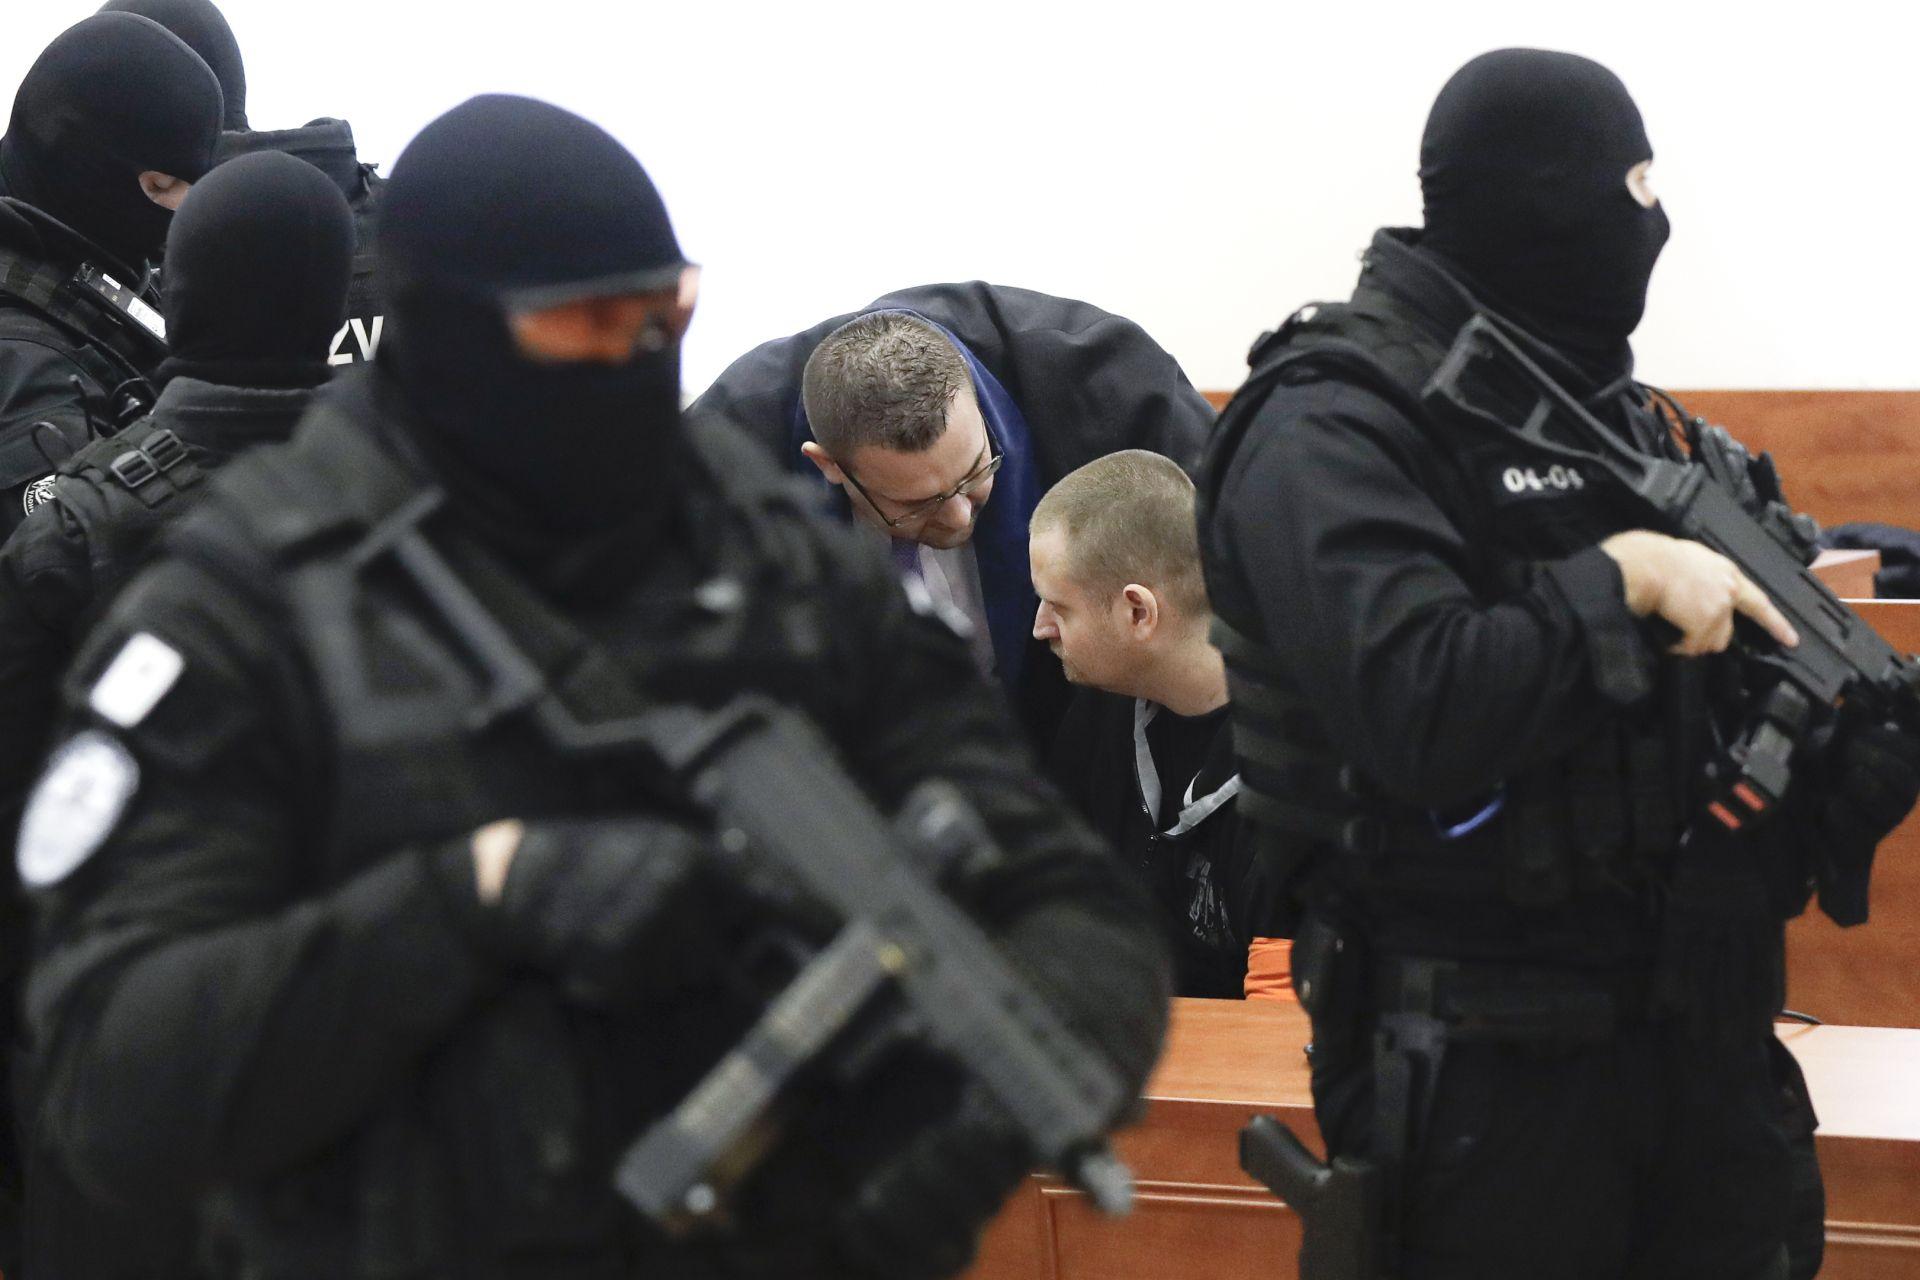 Мирослав Марчек, един от заподозрените стрелци, седи в съдебната зала